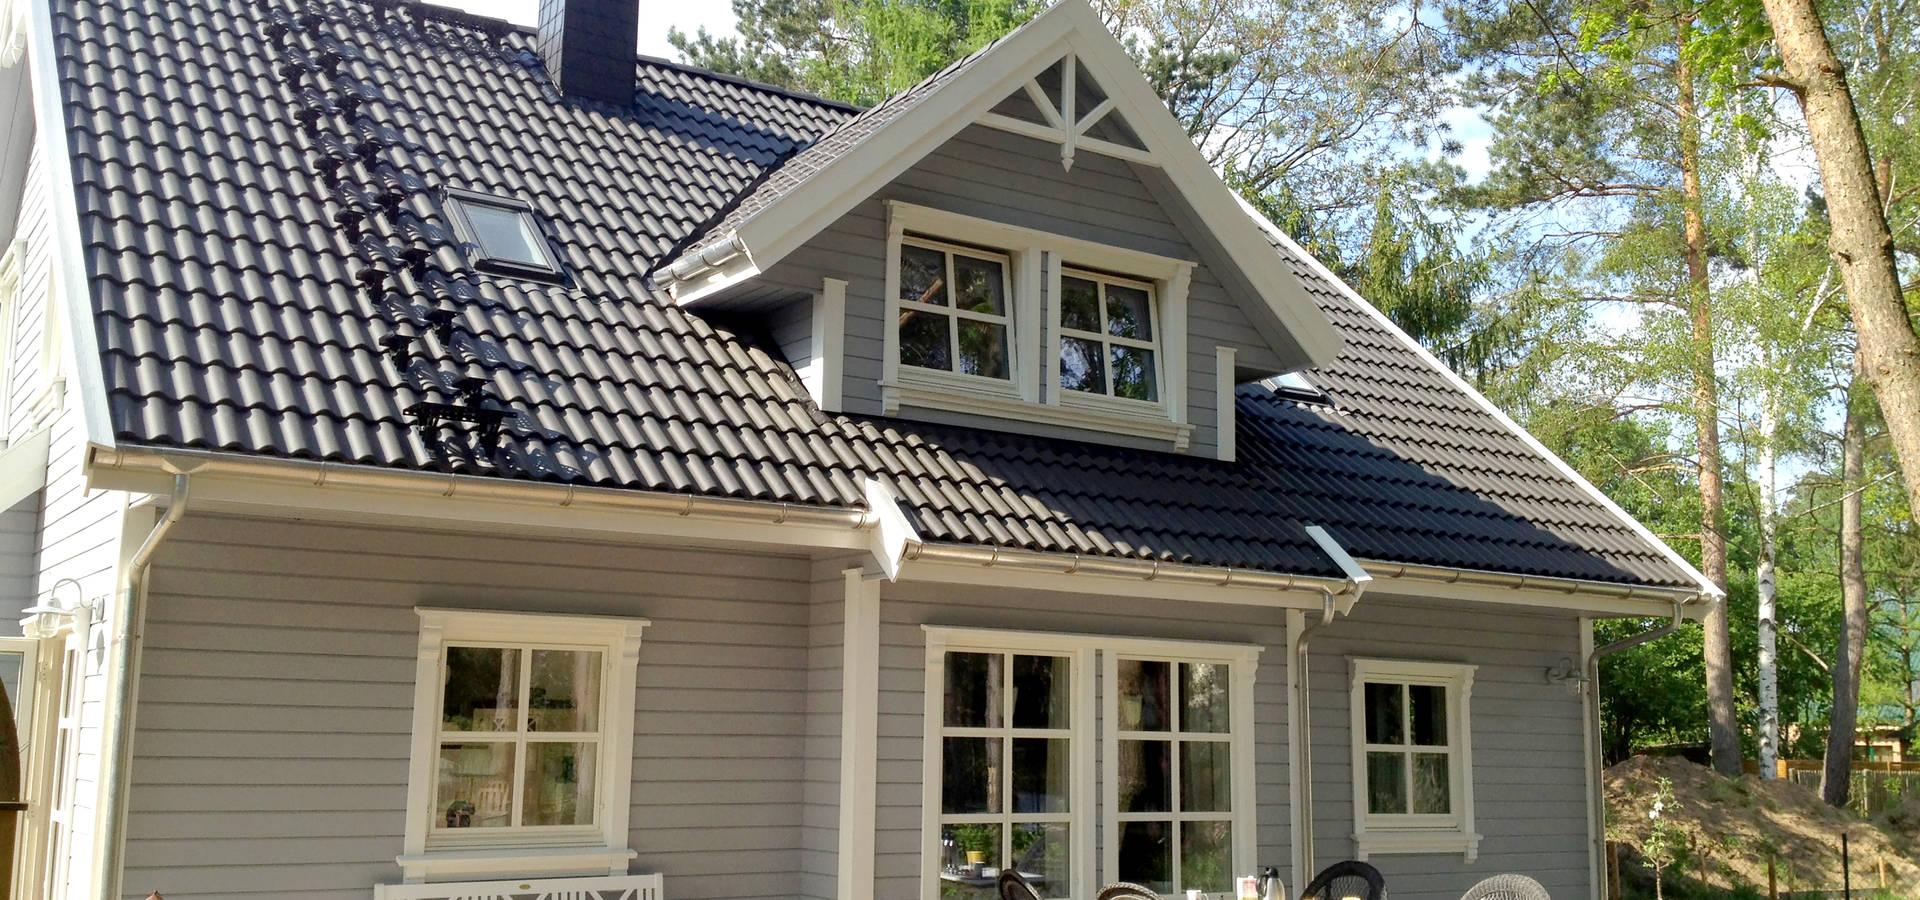 norwegisches holzhaus typ arne 100 von akost gmbh ihr traumhaus aus norwegen homify. Black Bedroom Furniture Sets. Home Design Ideas